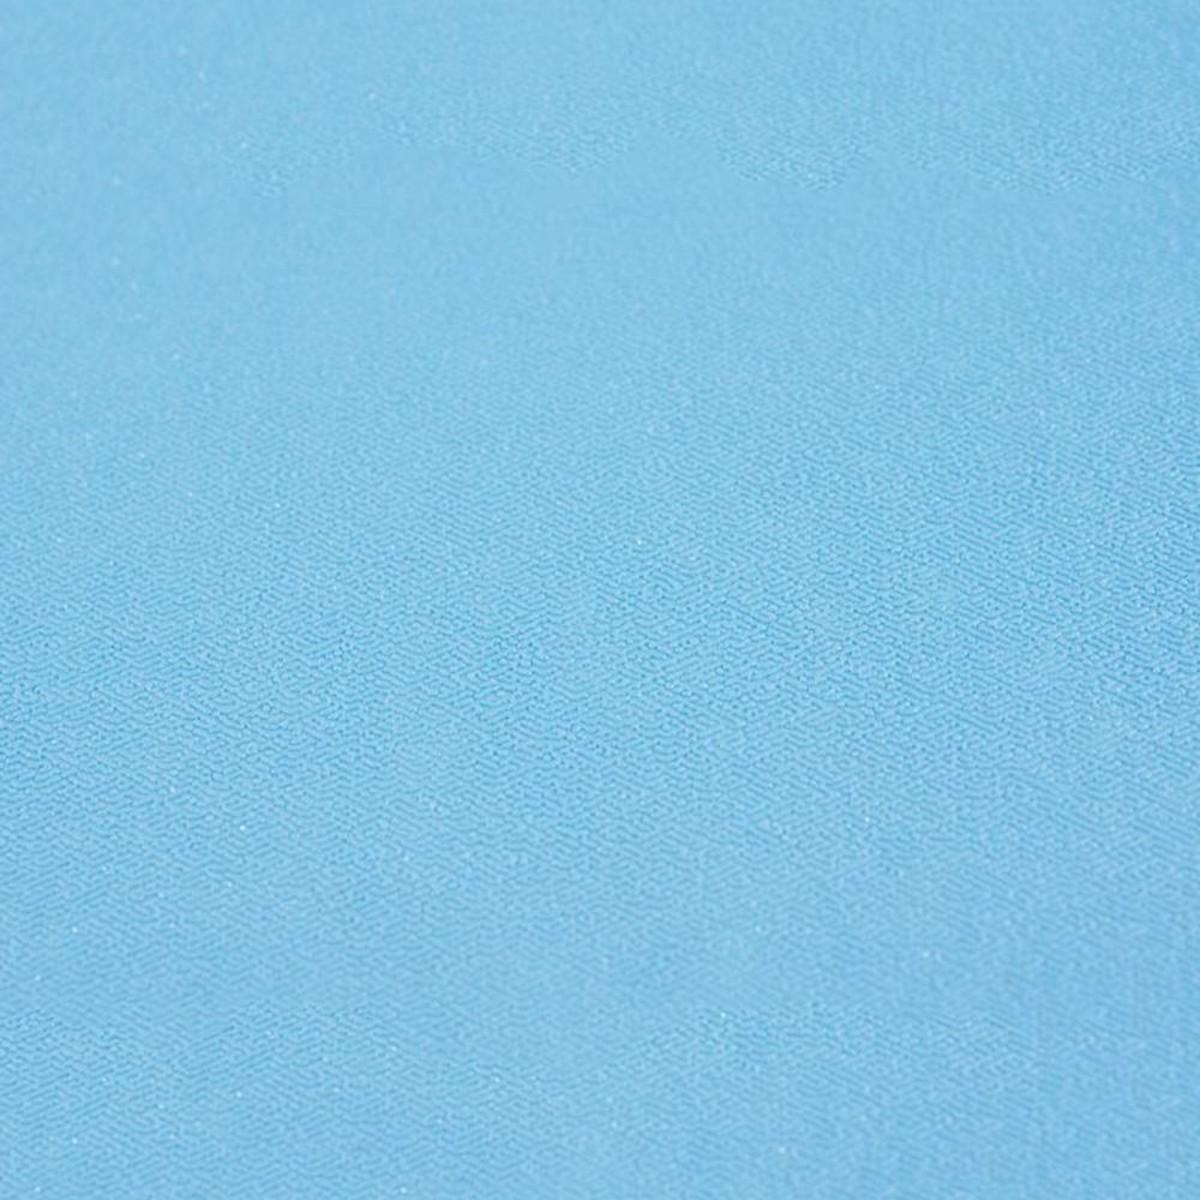 Обои флизелиновые Артекс Тачки голубые 1.06 м 10114-01